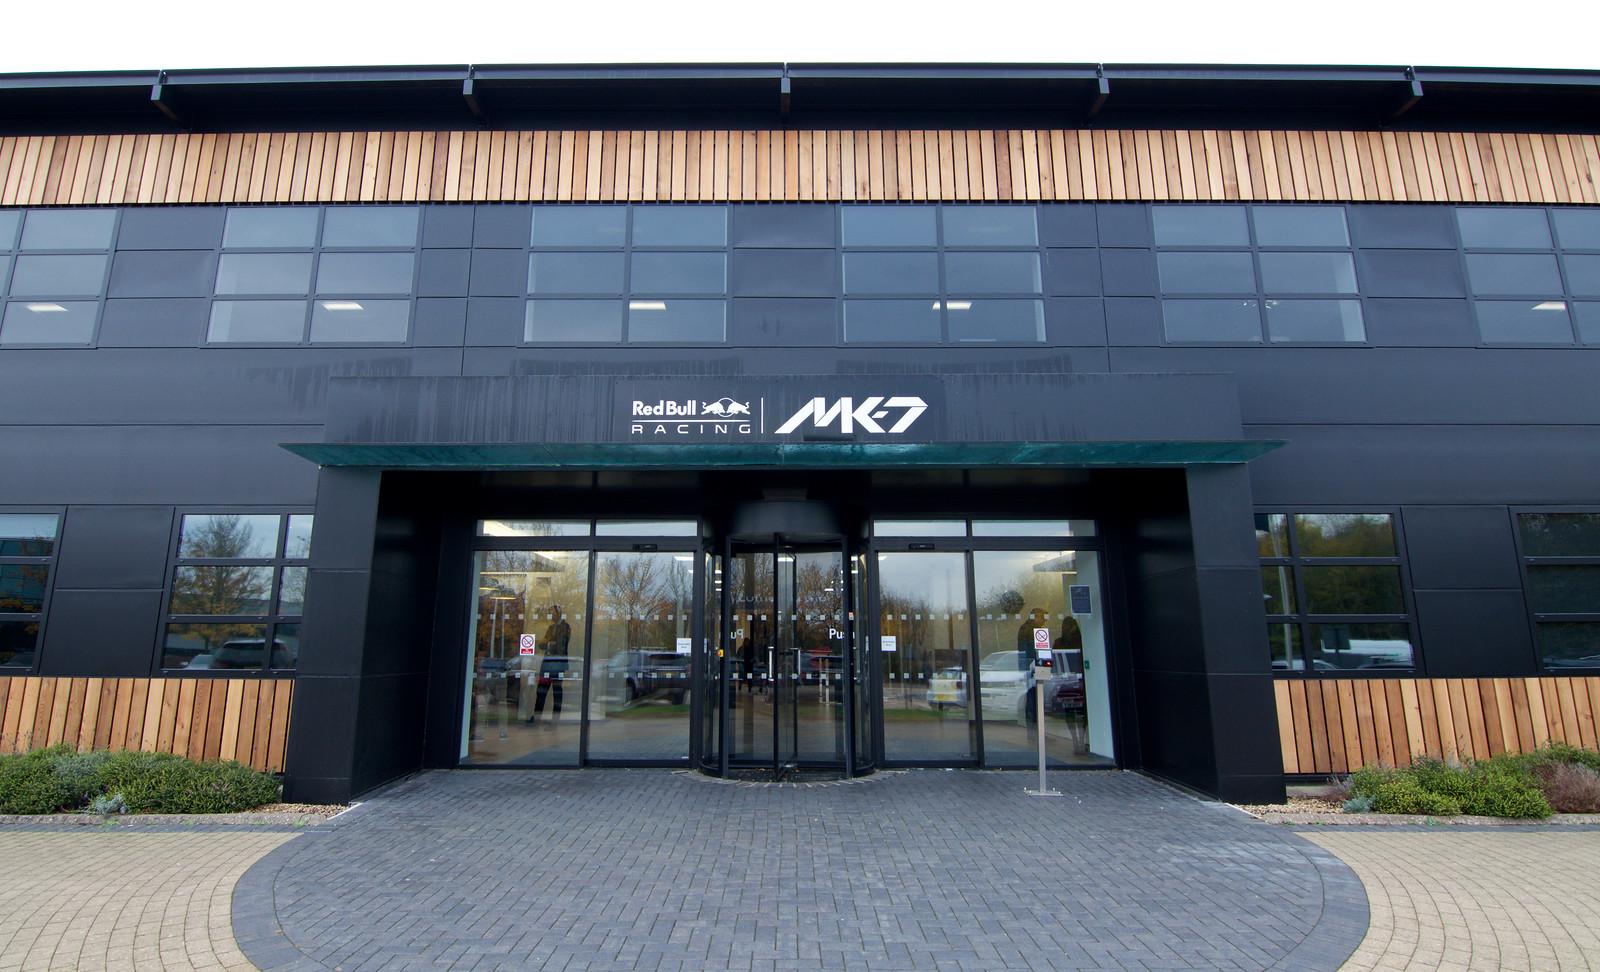 i hmjkd8Z X3 - UK&I Channel Partner Conference & Awards Dinner